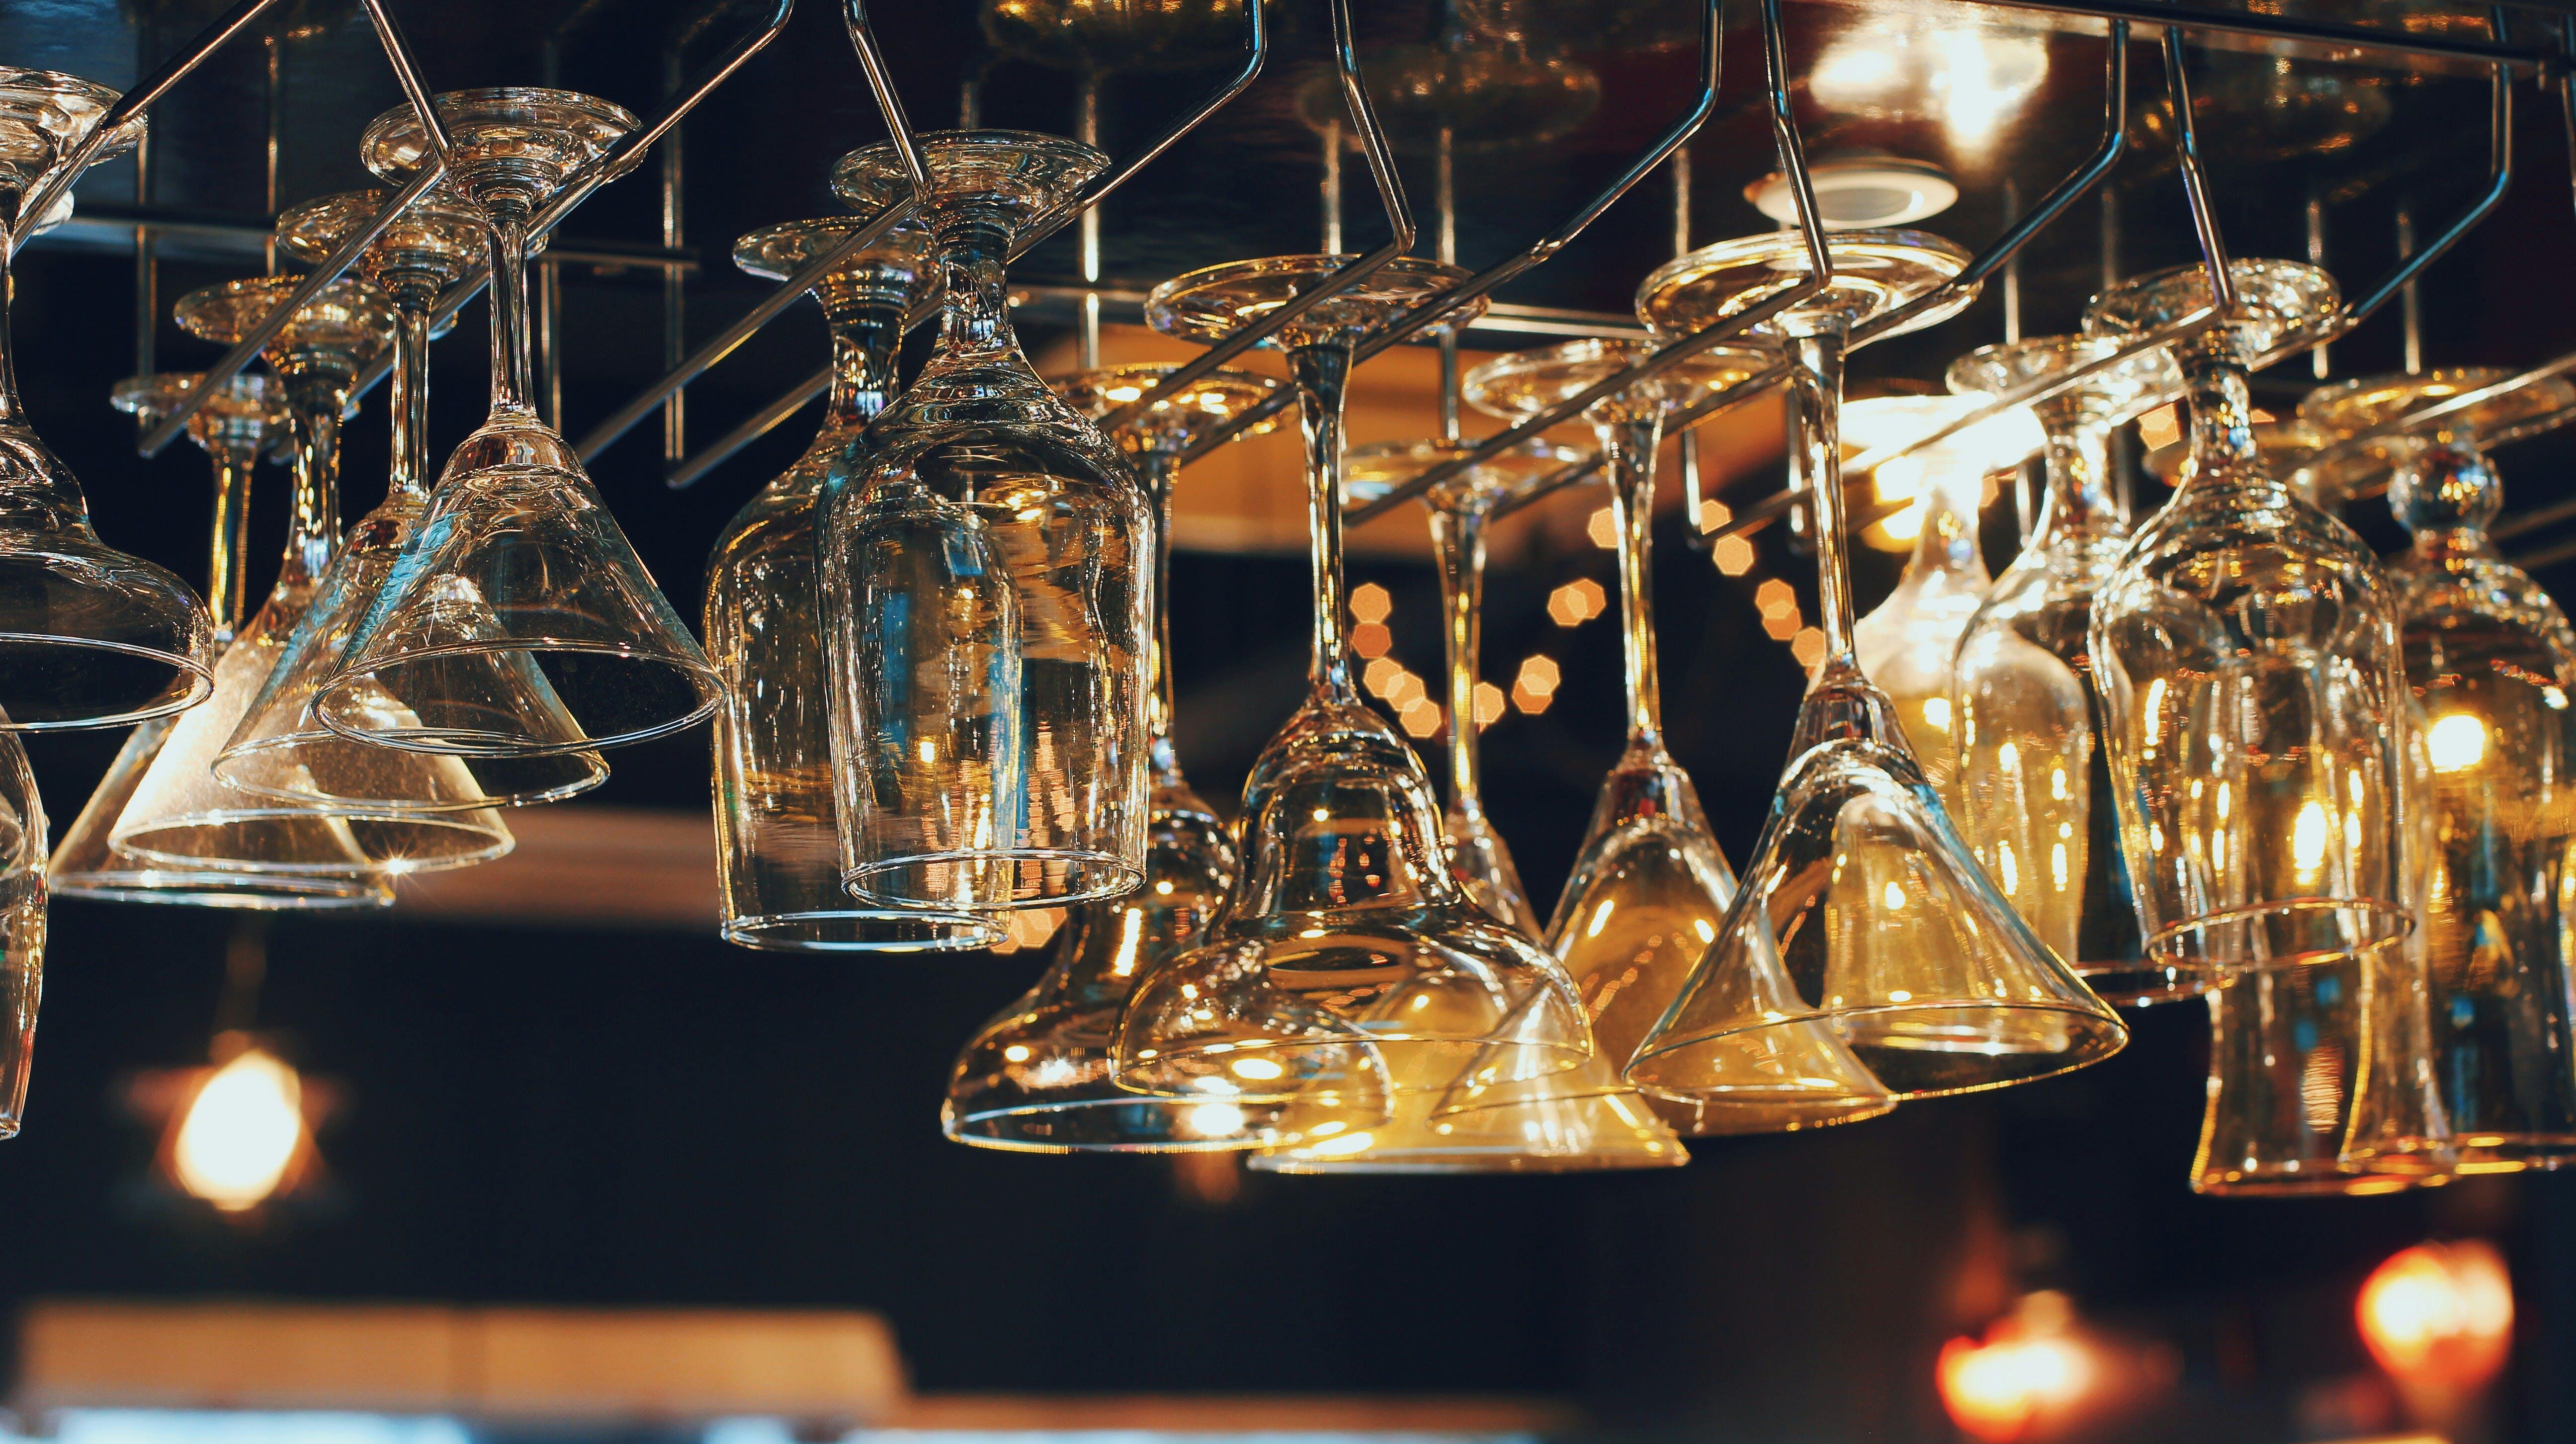 Ilmainen kuvapankkikuva tunnisteilla kristalli, lähikuva, lamppu, lasiesineet